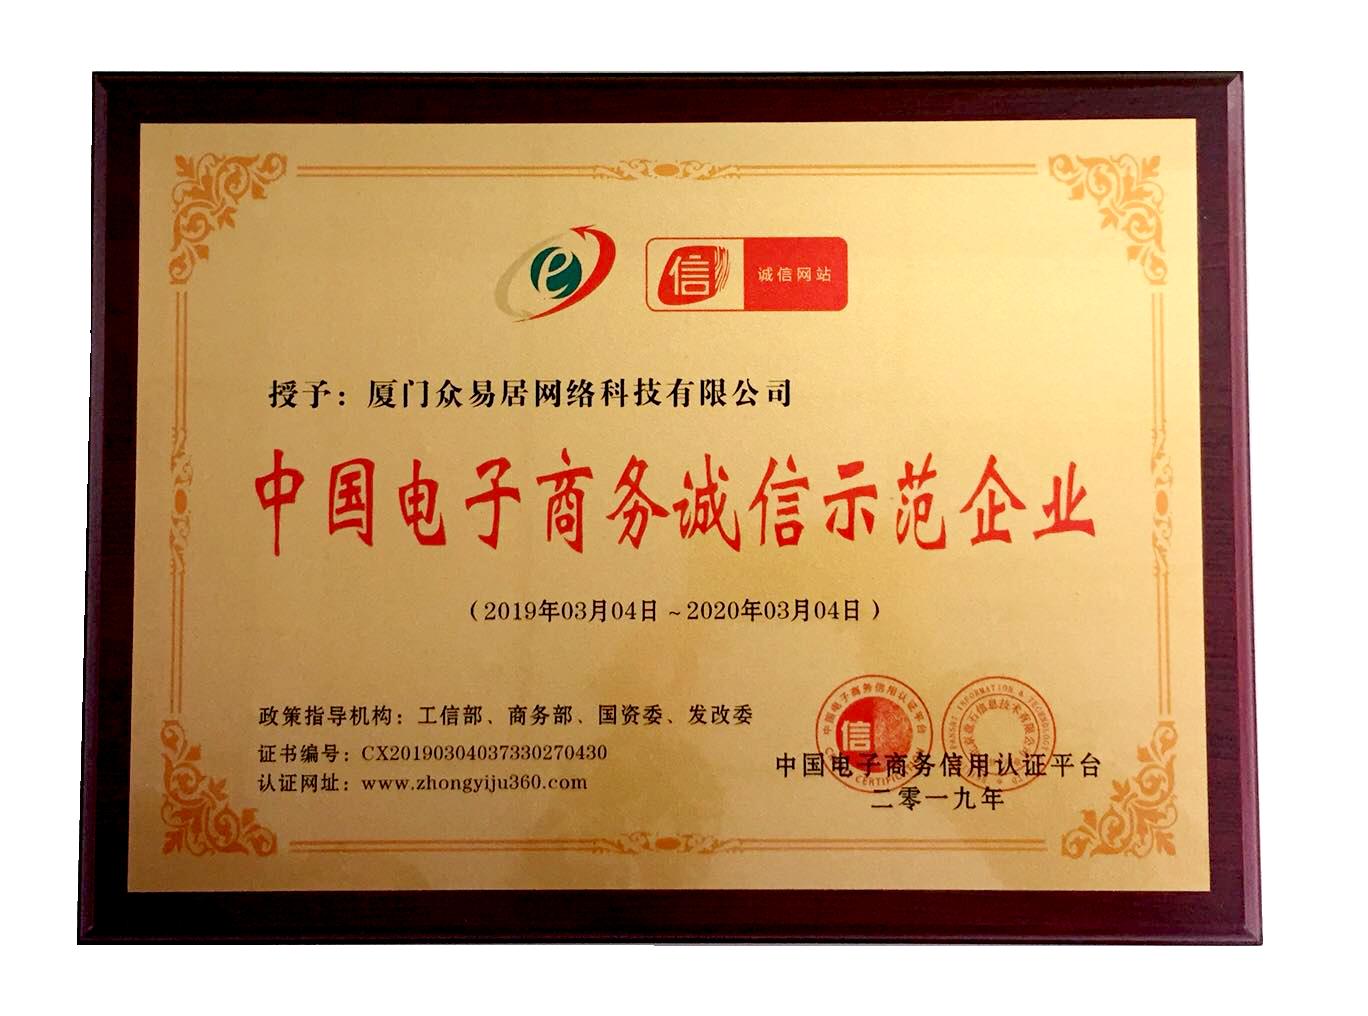 众易居荣获中国电子商务诚信示范企业